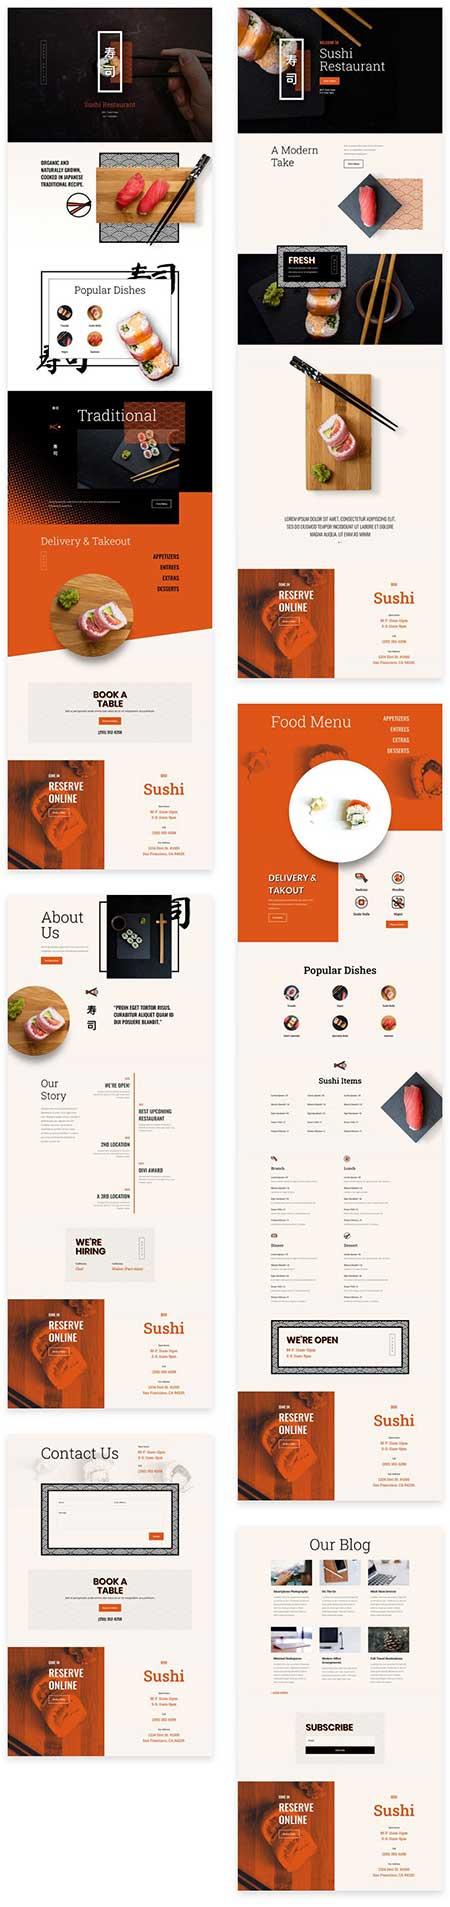 Sushi website layouts